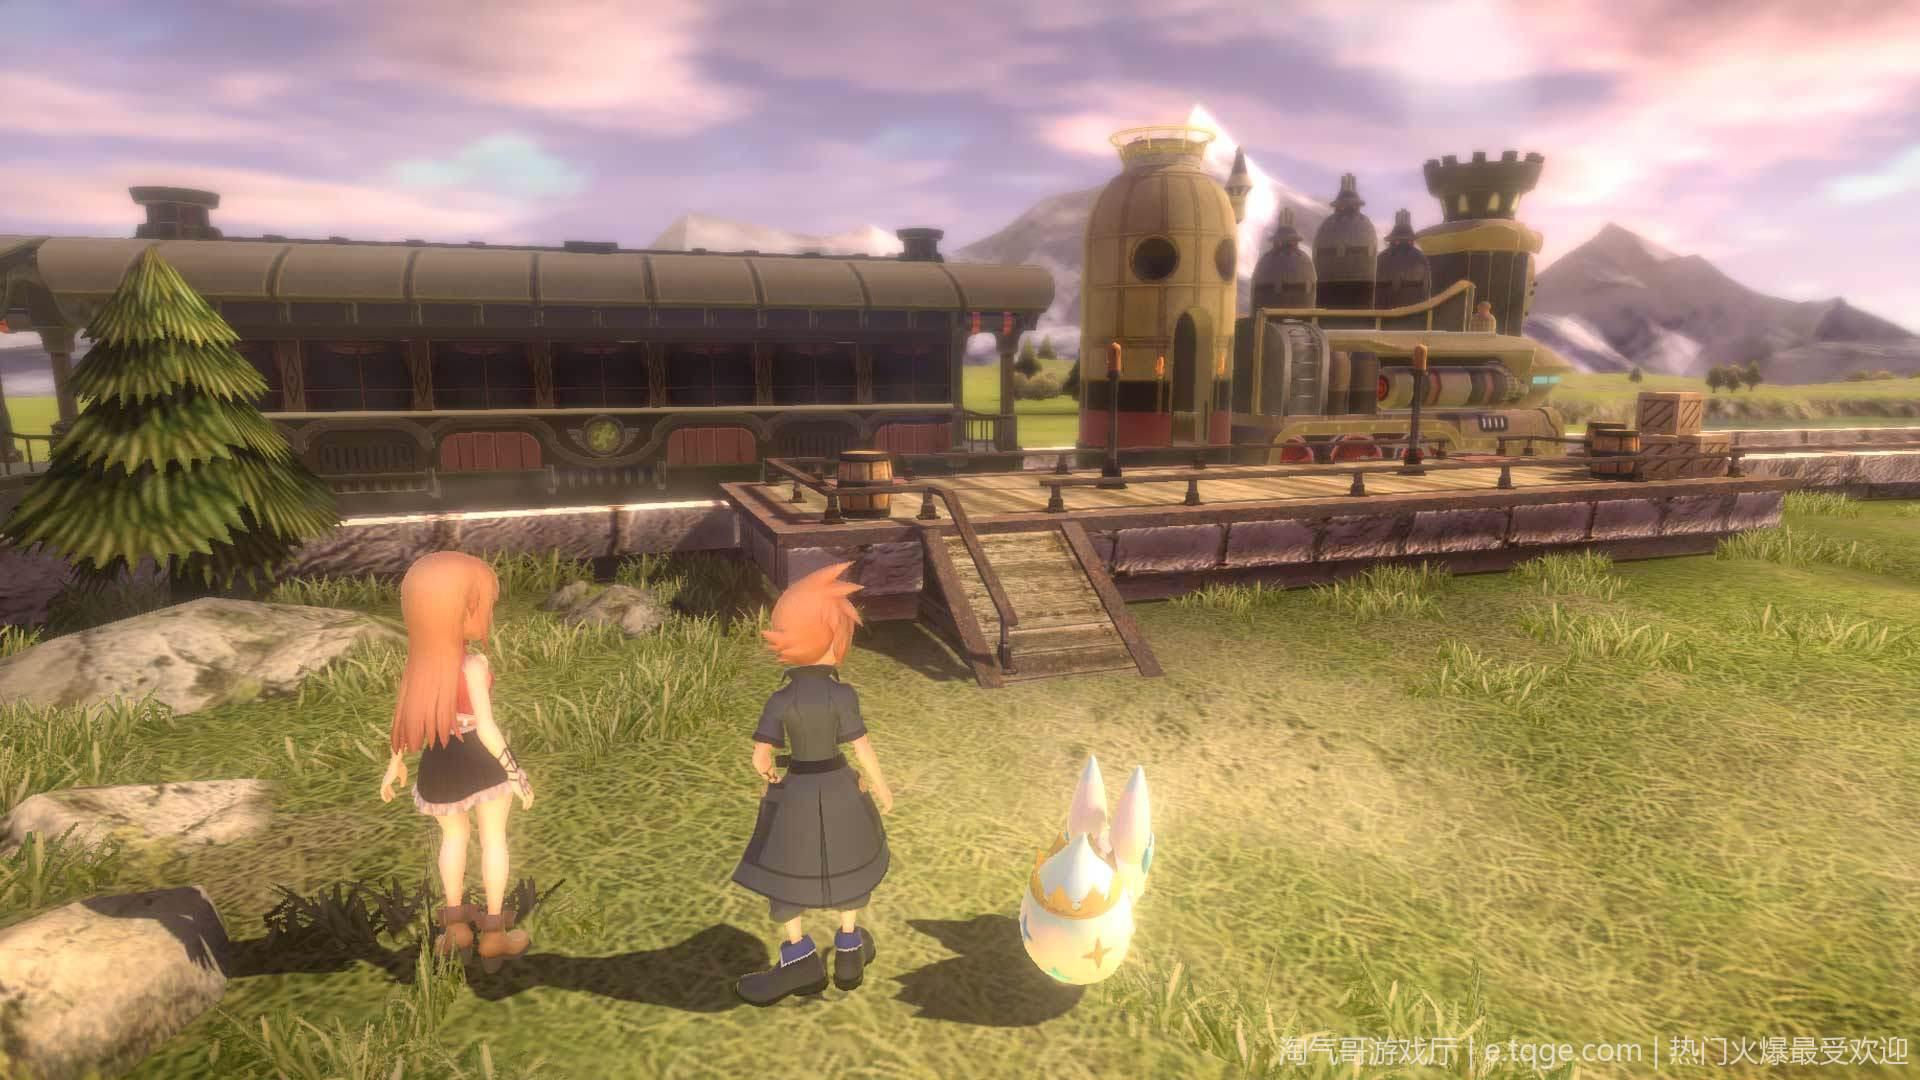 最终幻想 世界 角色扮演 第3张